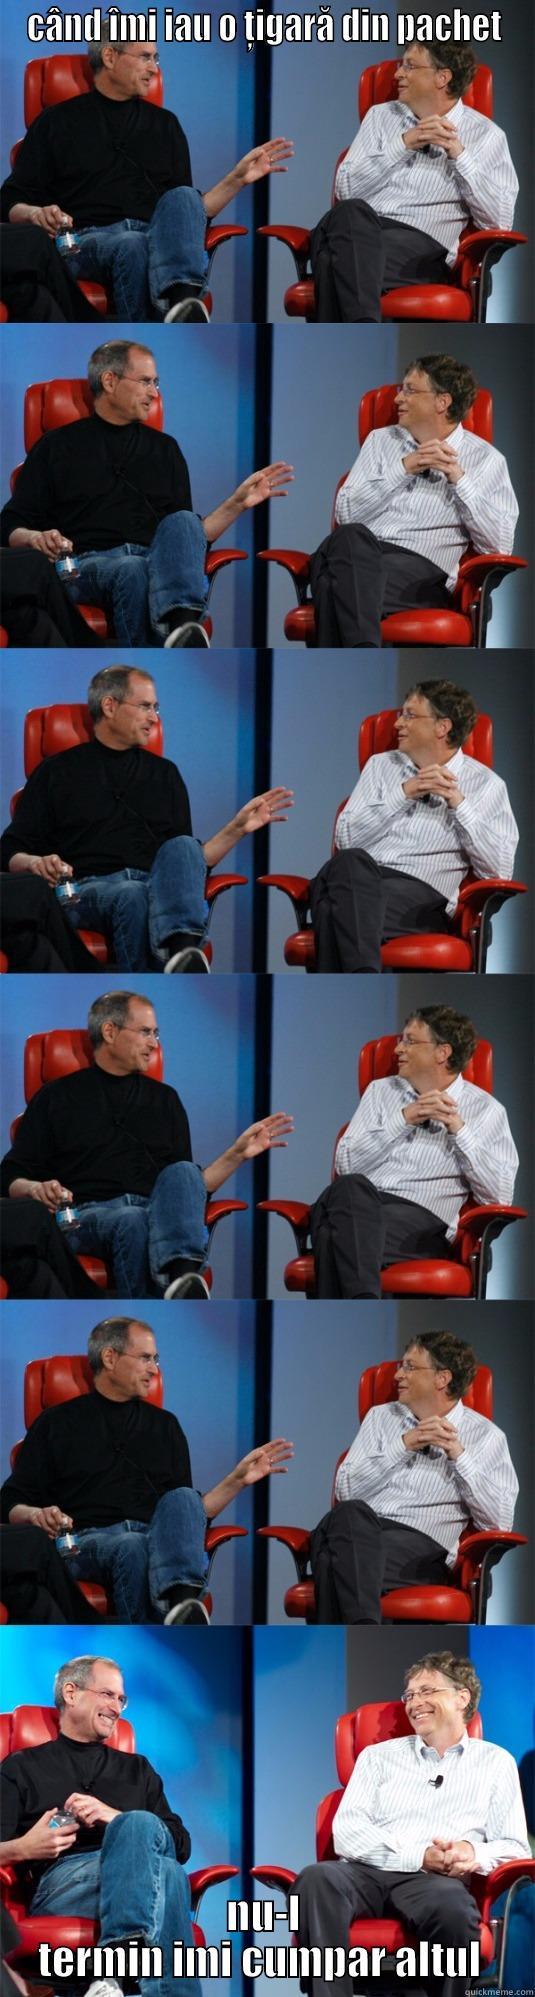 CÂND ÎMI IAU O ȚIGARĂ DIN PACHET NU-L TERMIN IMI CUMPAR ALTUL  Steve Jobs vs Bill Gates